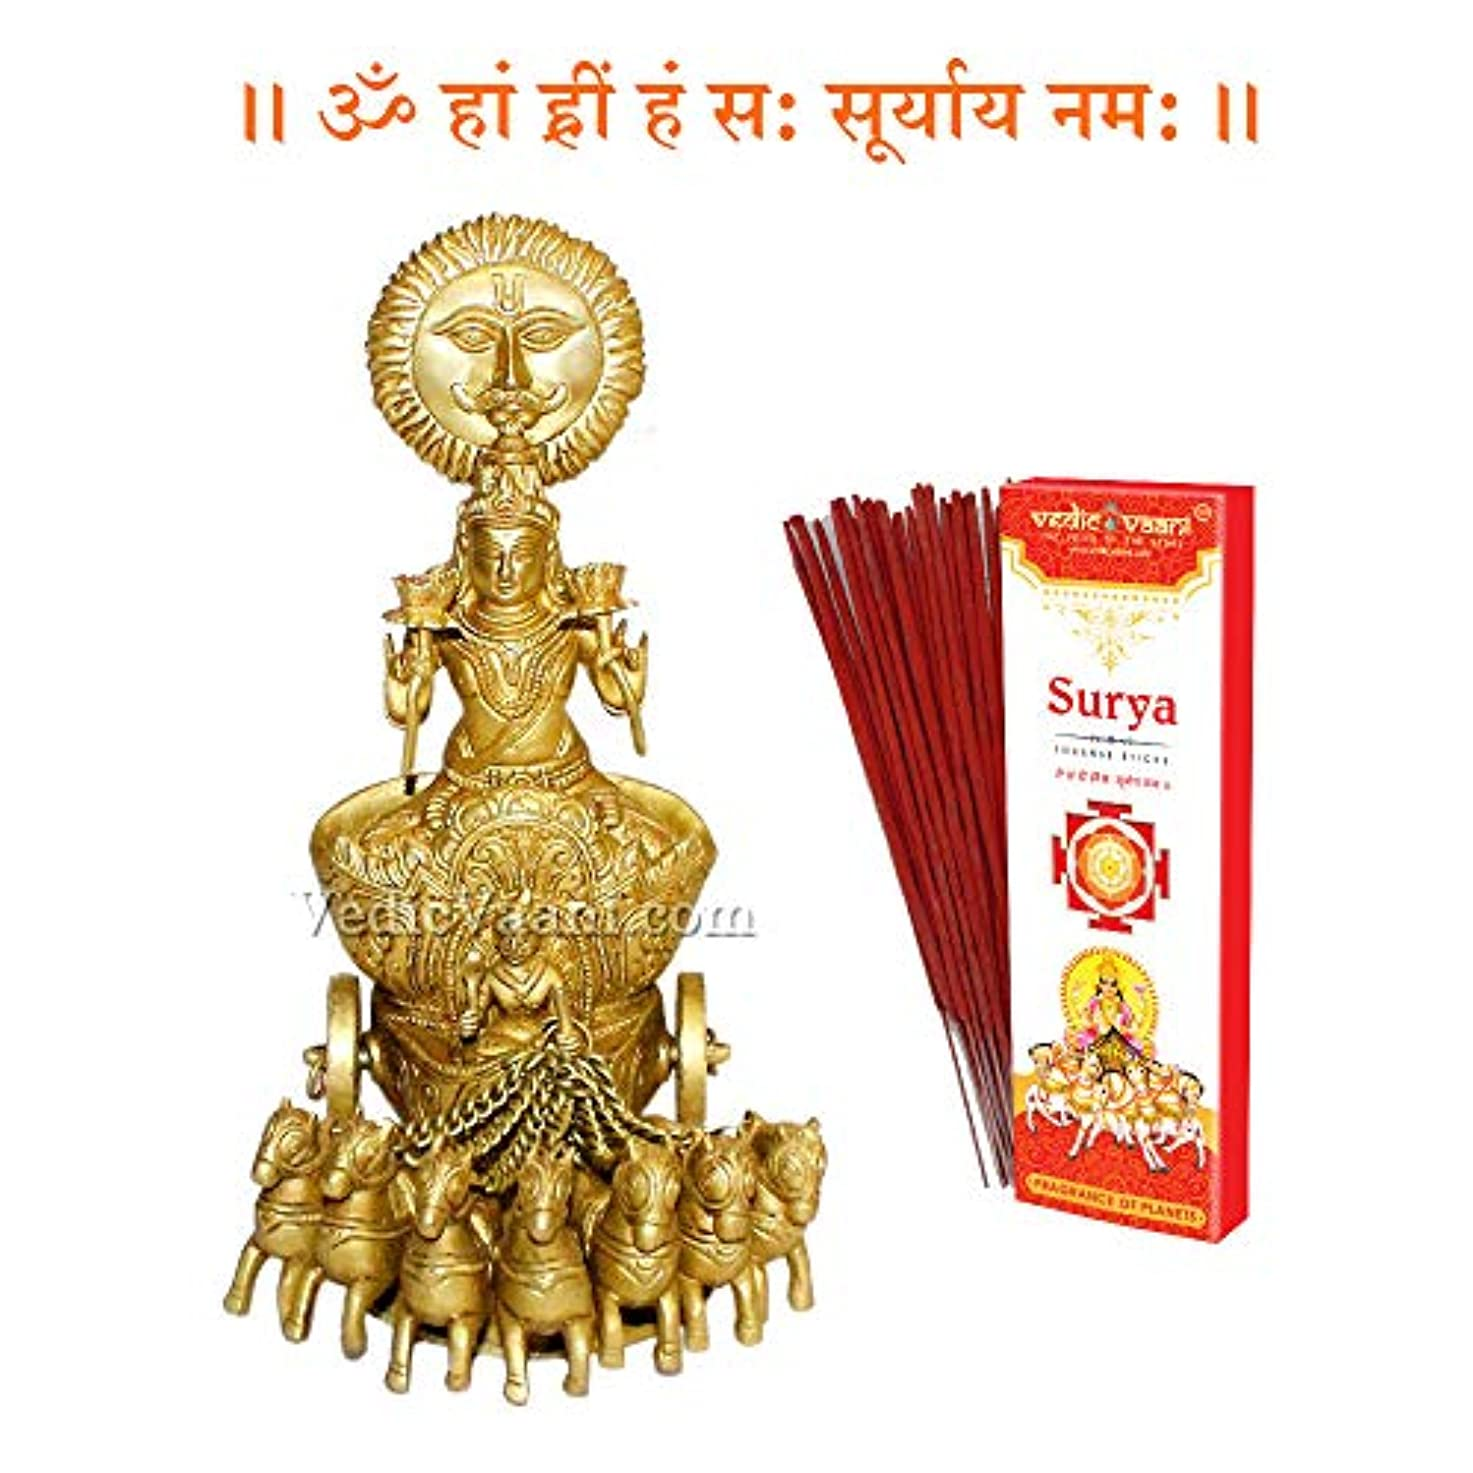 疑問を超えて抵抗する火Vedic Vaani Surya Dev Idol with Surya お香スティック